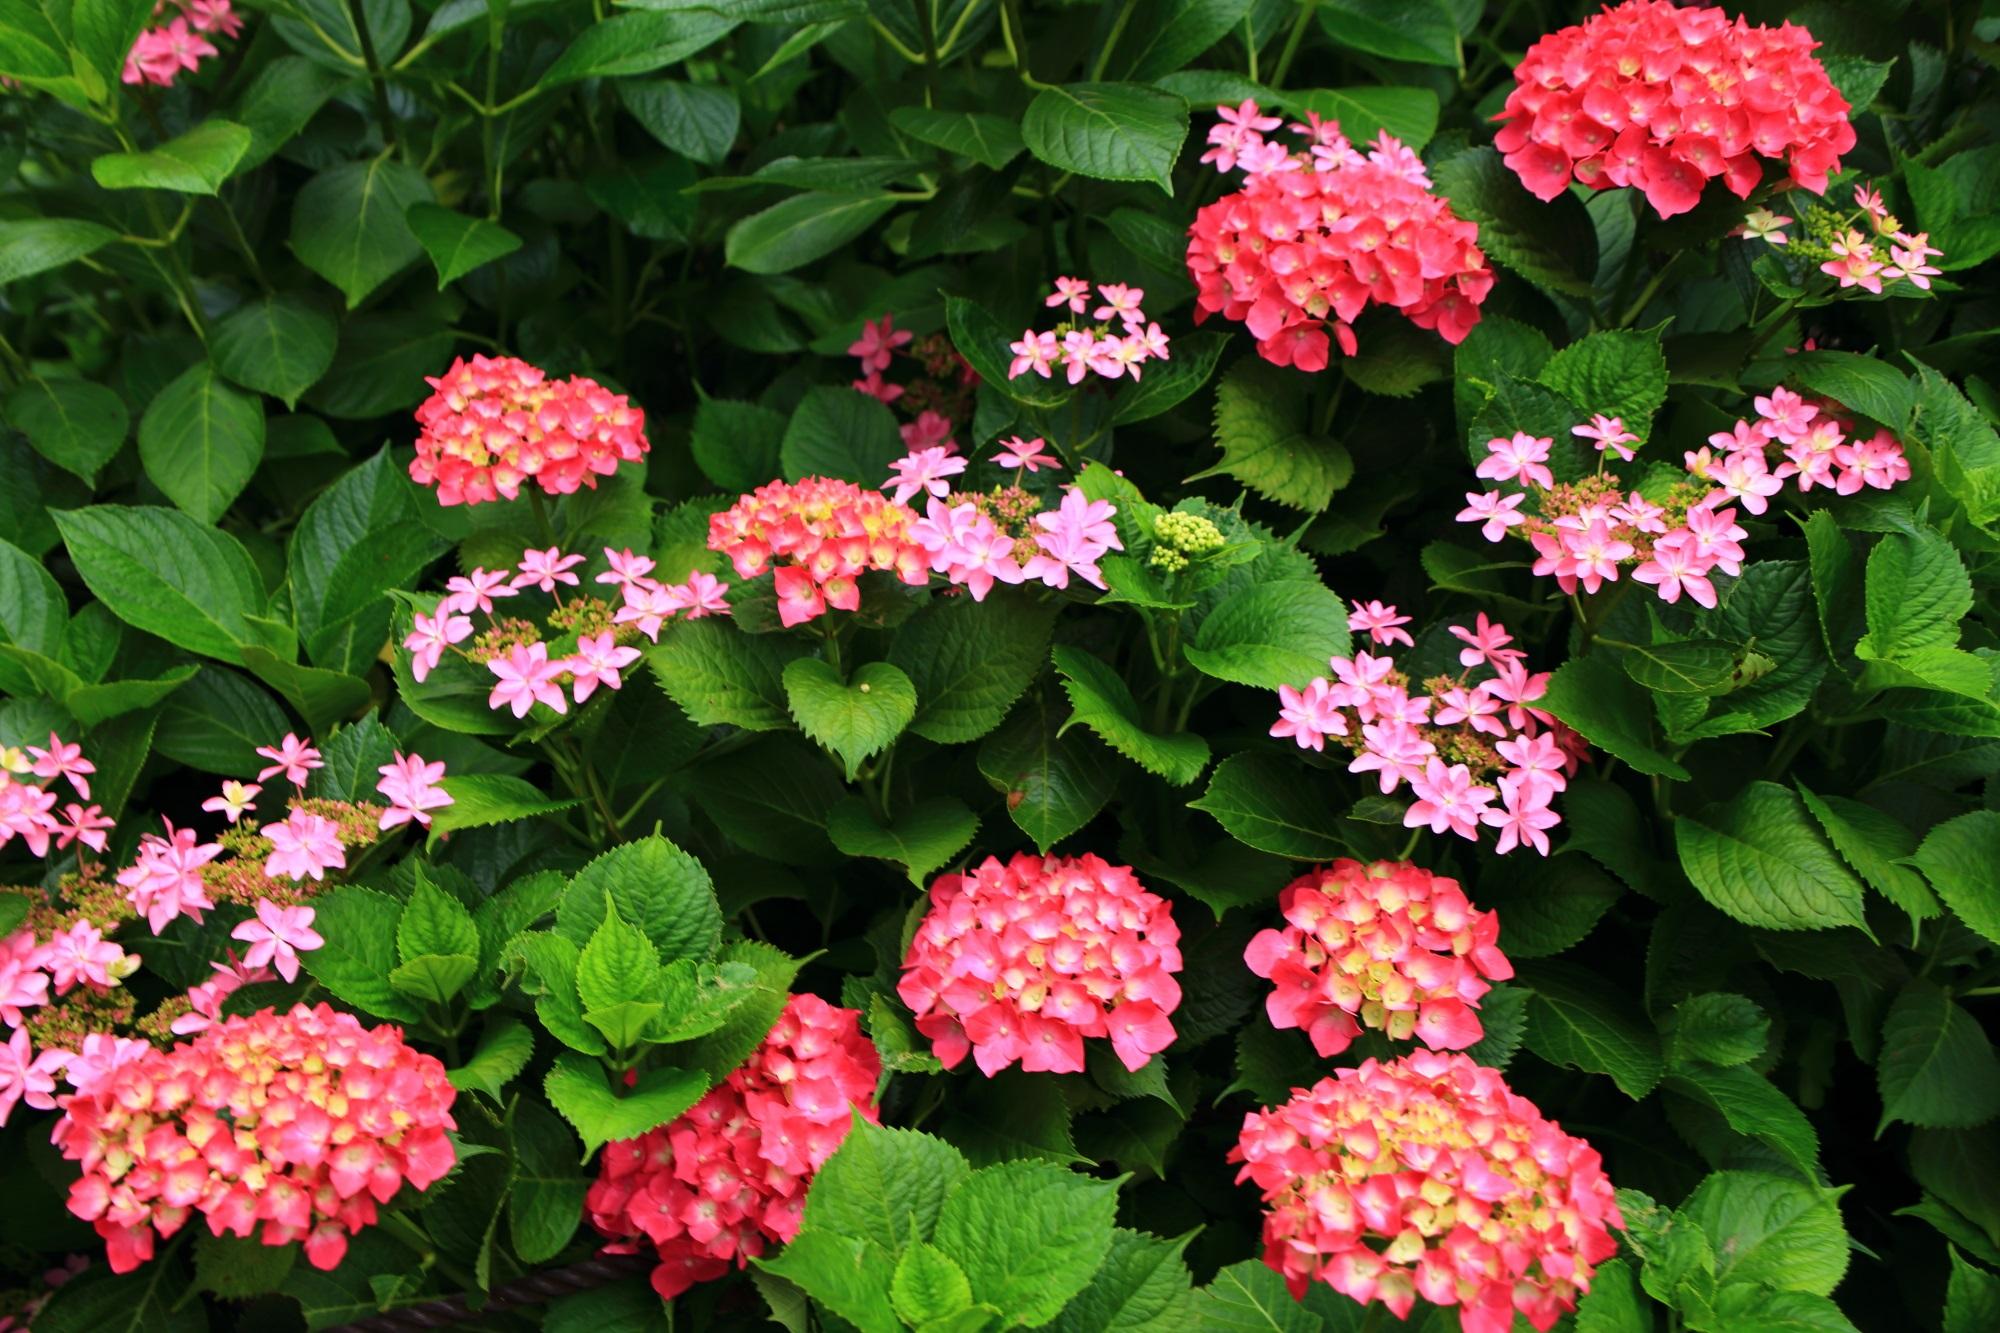 いろんな種類の紫陽花が咲く三室戸寺のあじさい園